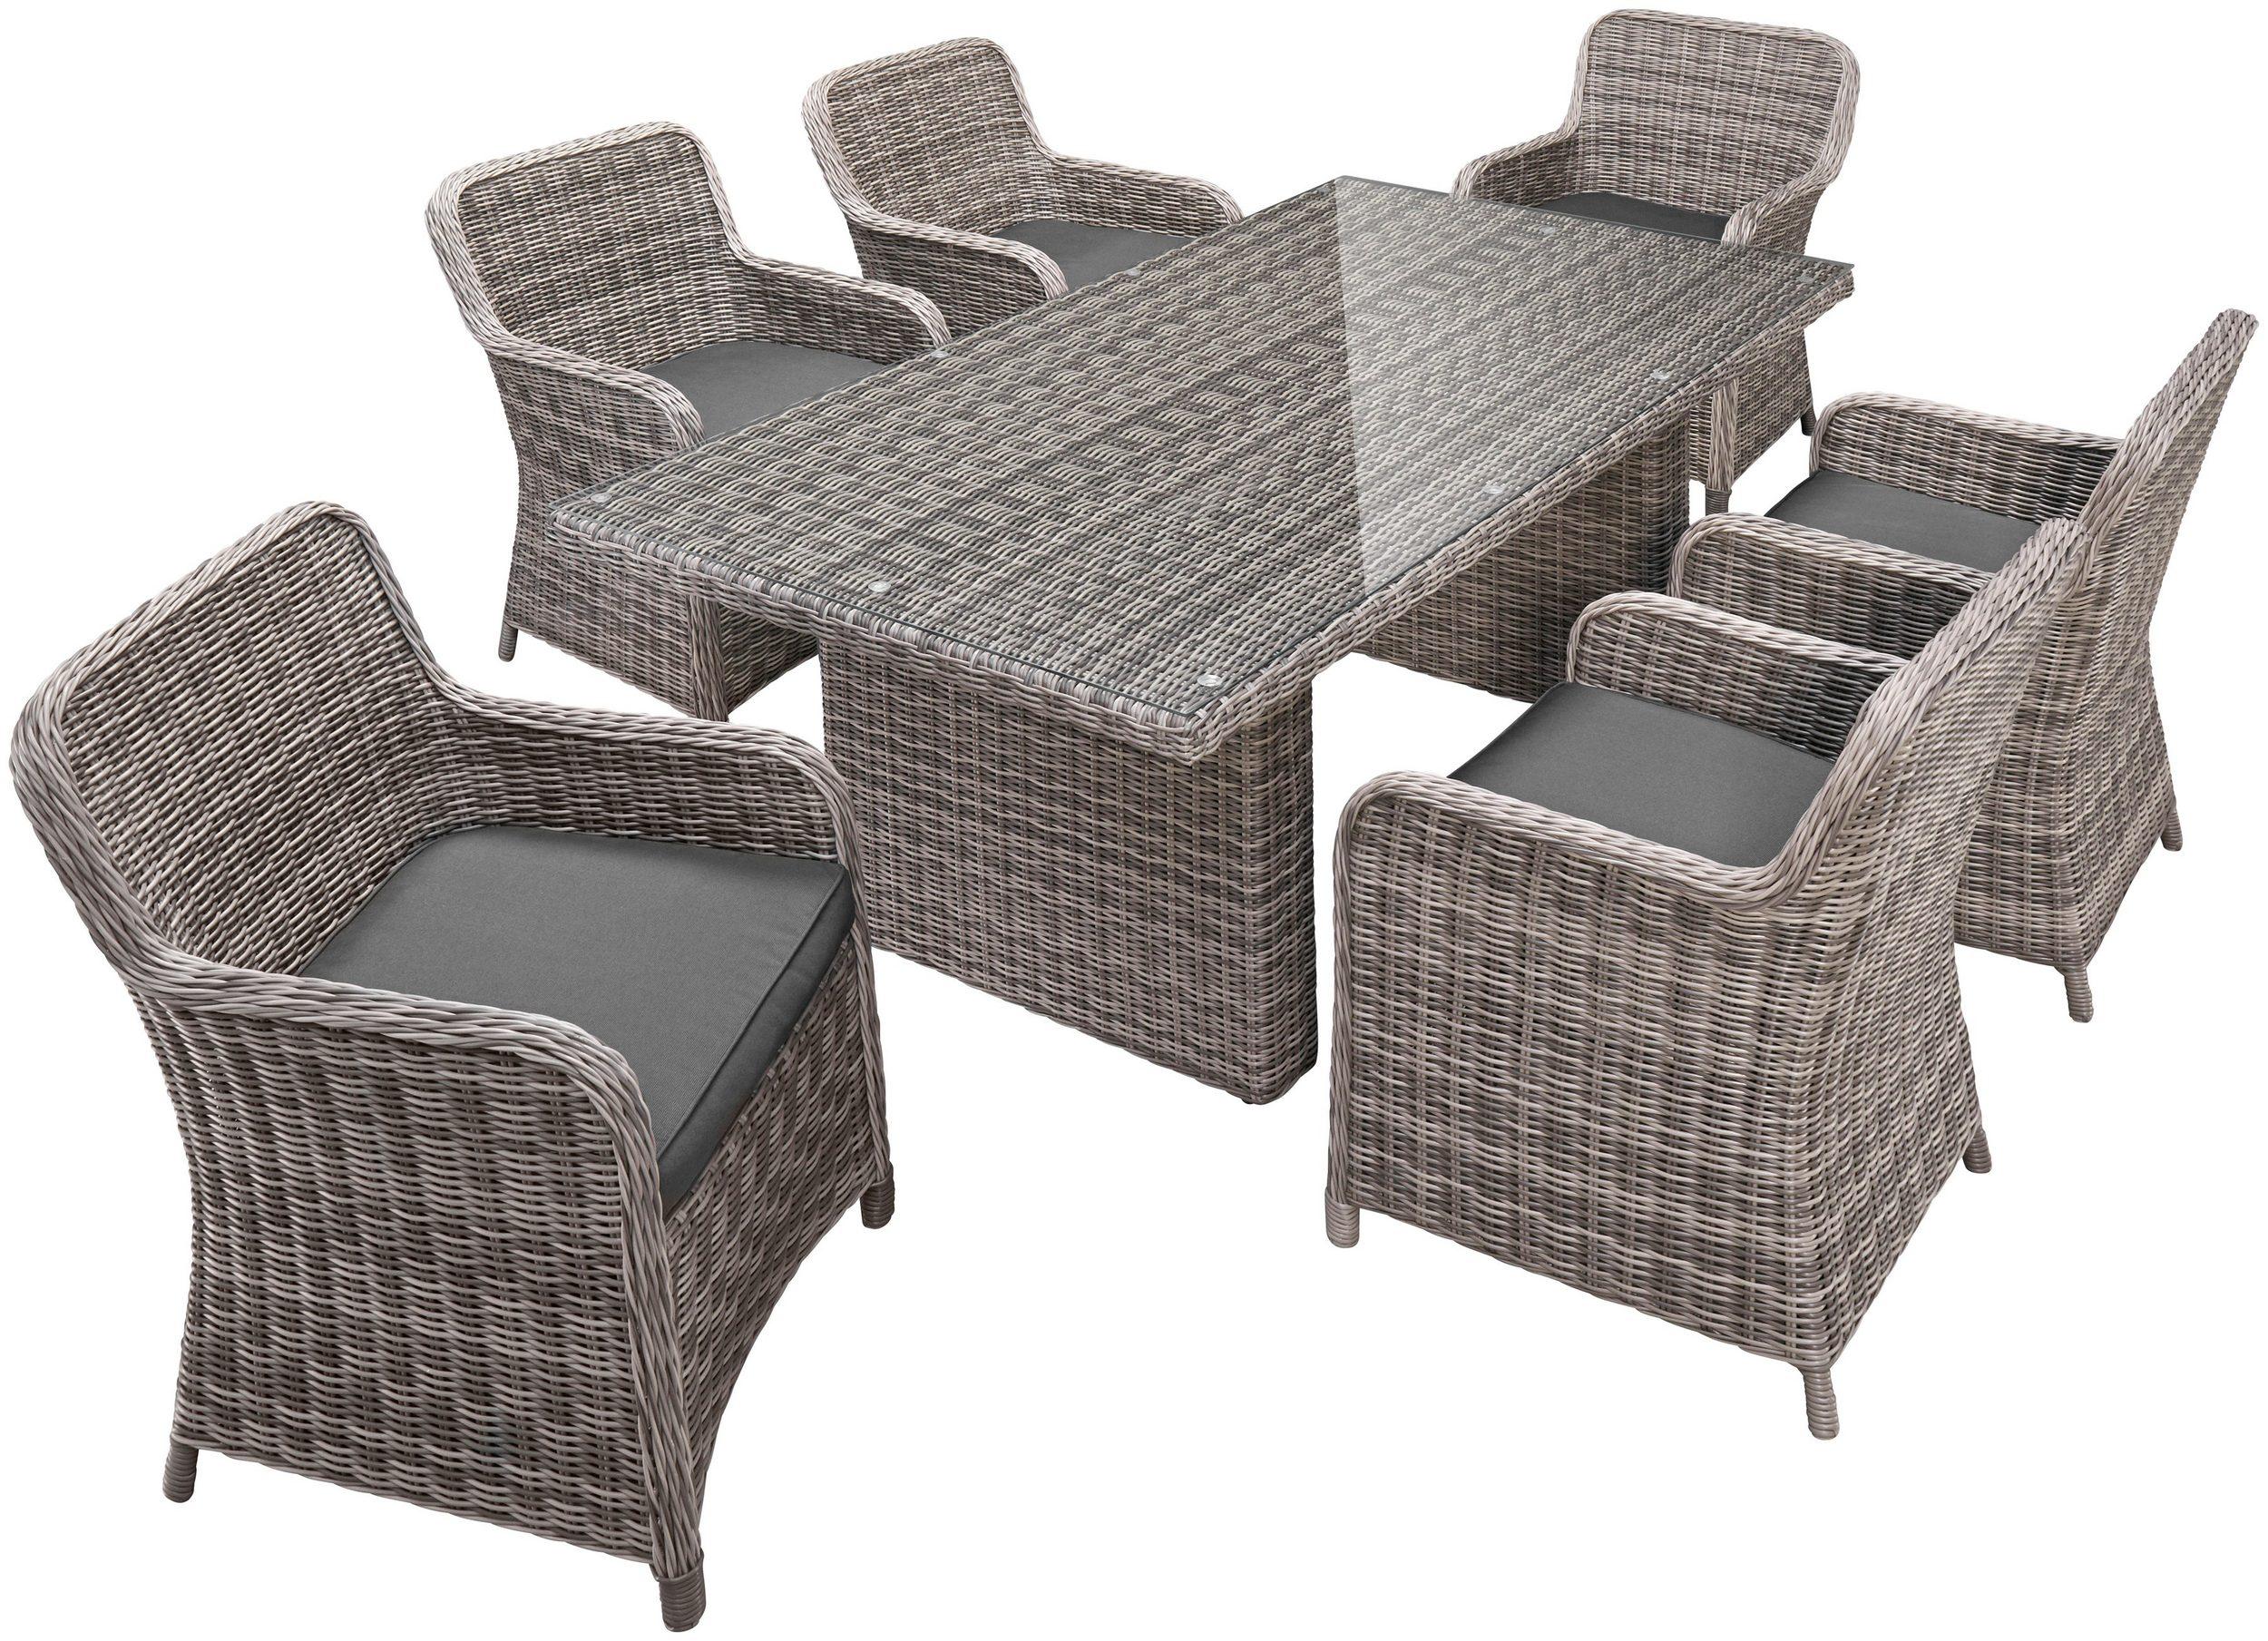 gartengruppe essgruppe tisch 100x200 st hle polyrattan auflagen 13tlg 7150075 ebay. Black Bedroom Furniture Sets. Home Design Ideas